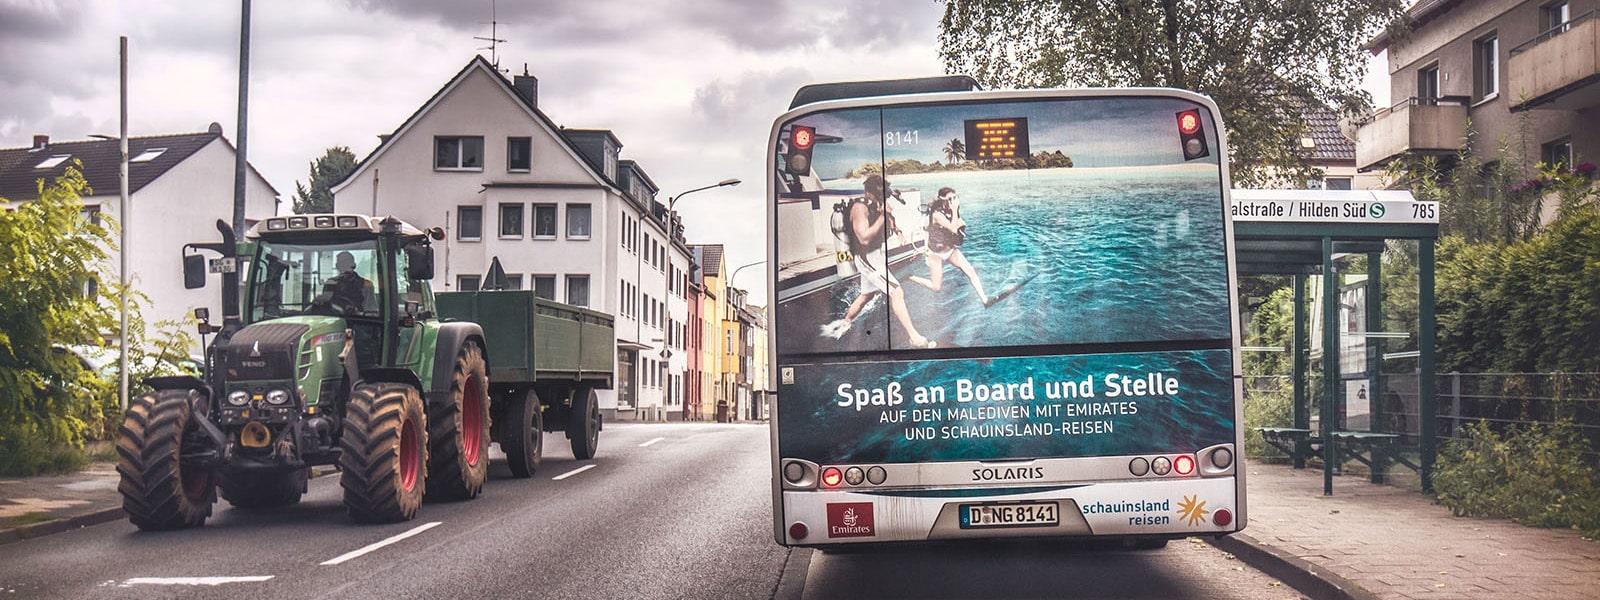 Dortmund-Buswerbung-Heckwerbung